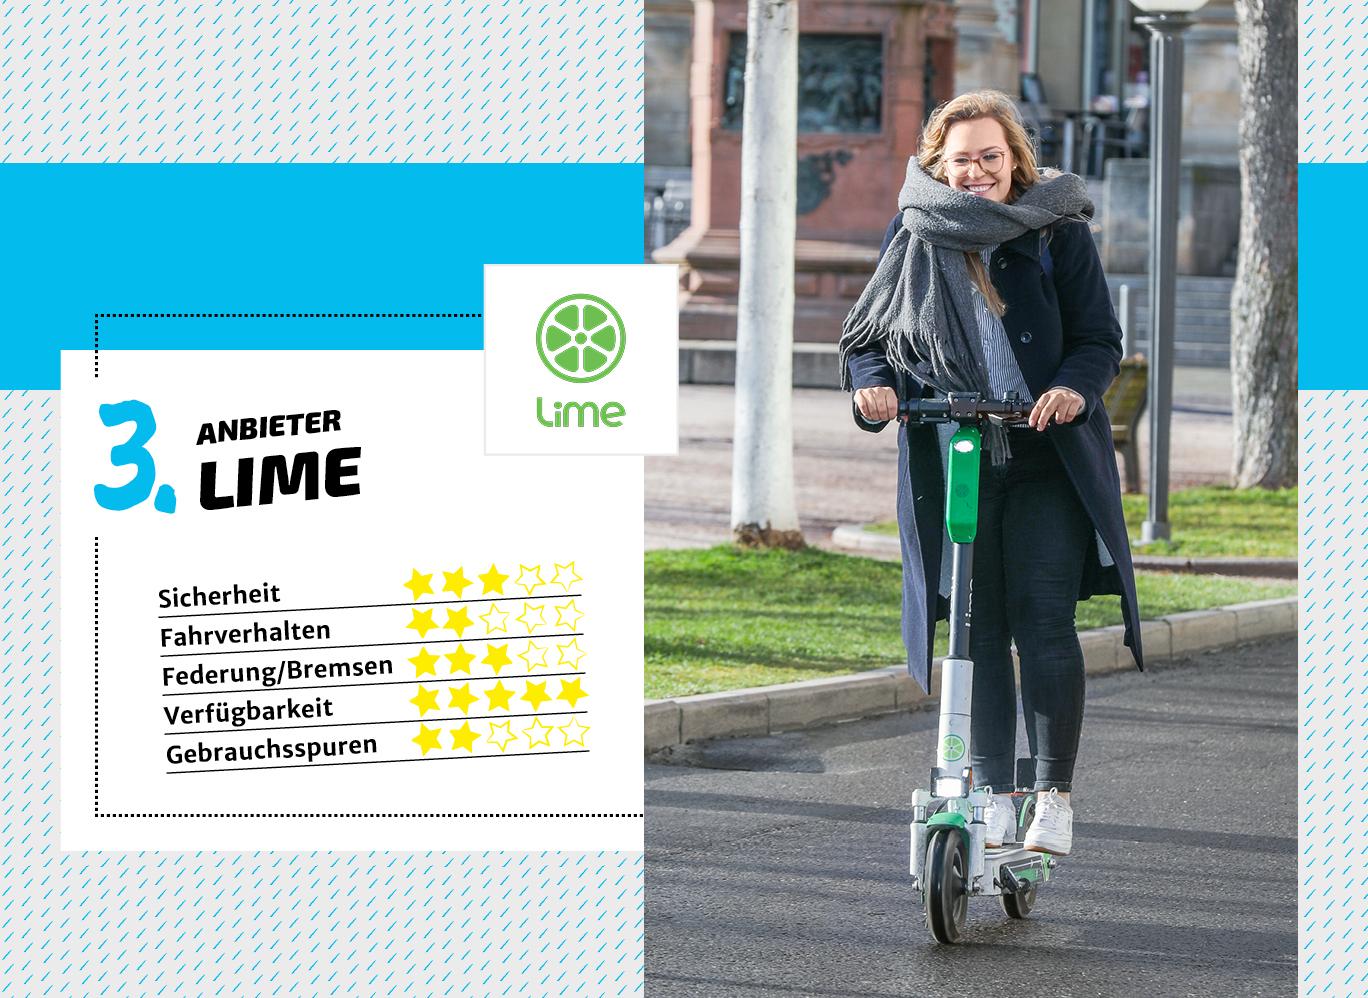 Achtung, Kostenfalle beim E-Scooter-Anbieter Lime: Bei Reservierung kommt ein Euro obendrauf!